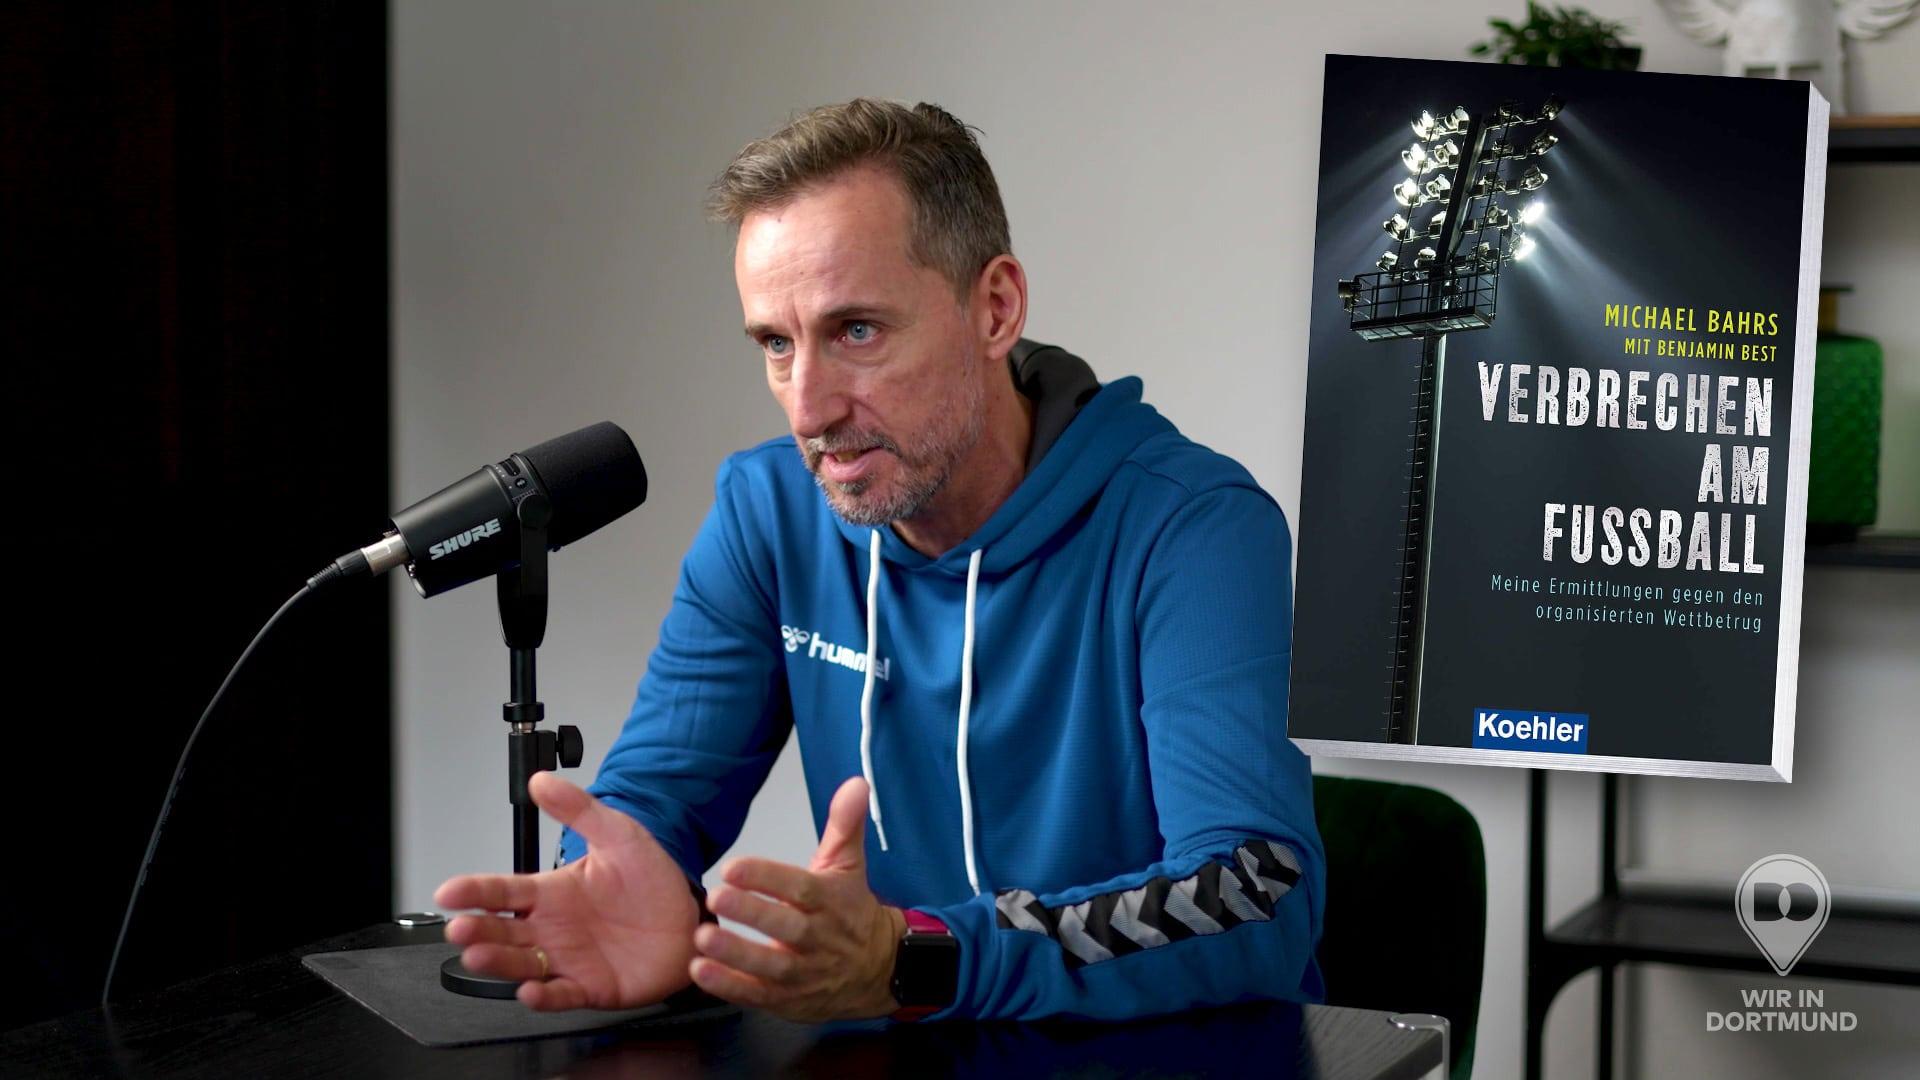 »WIR IM POD« Folge 01: Hauptkommissar Michael Bahrs zum Thema Spielmanipulationen